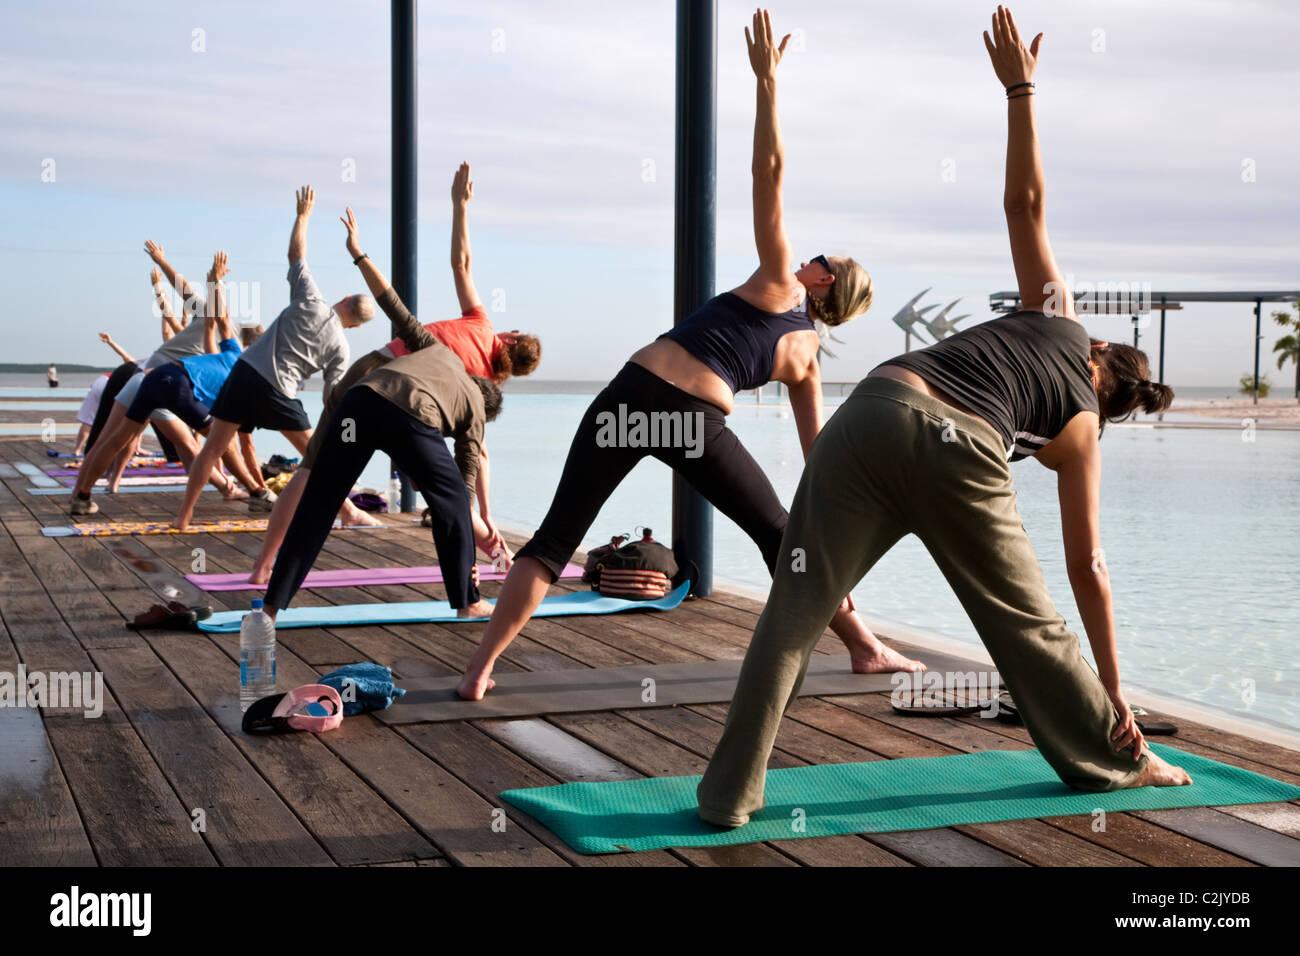 Morgen-Yoga-Kurs an der Esplanade Lagune. Cairns, Queensland, Australien Stockbild